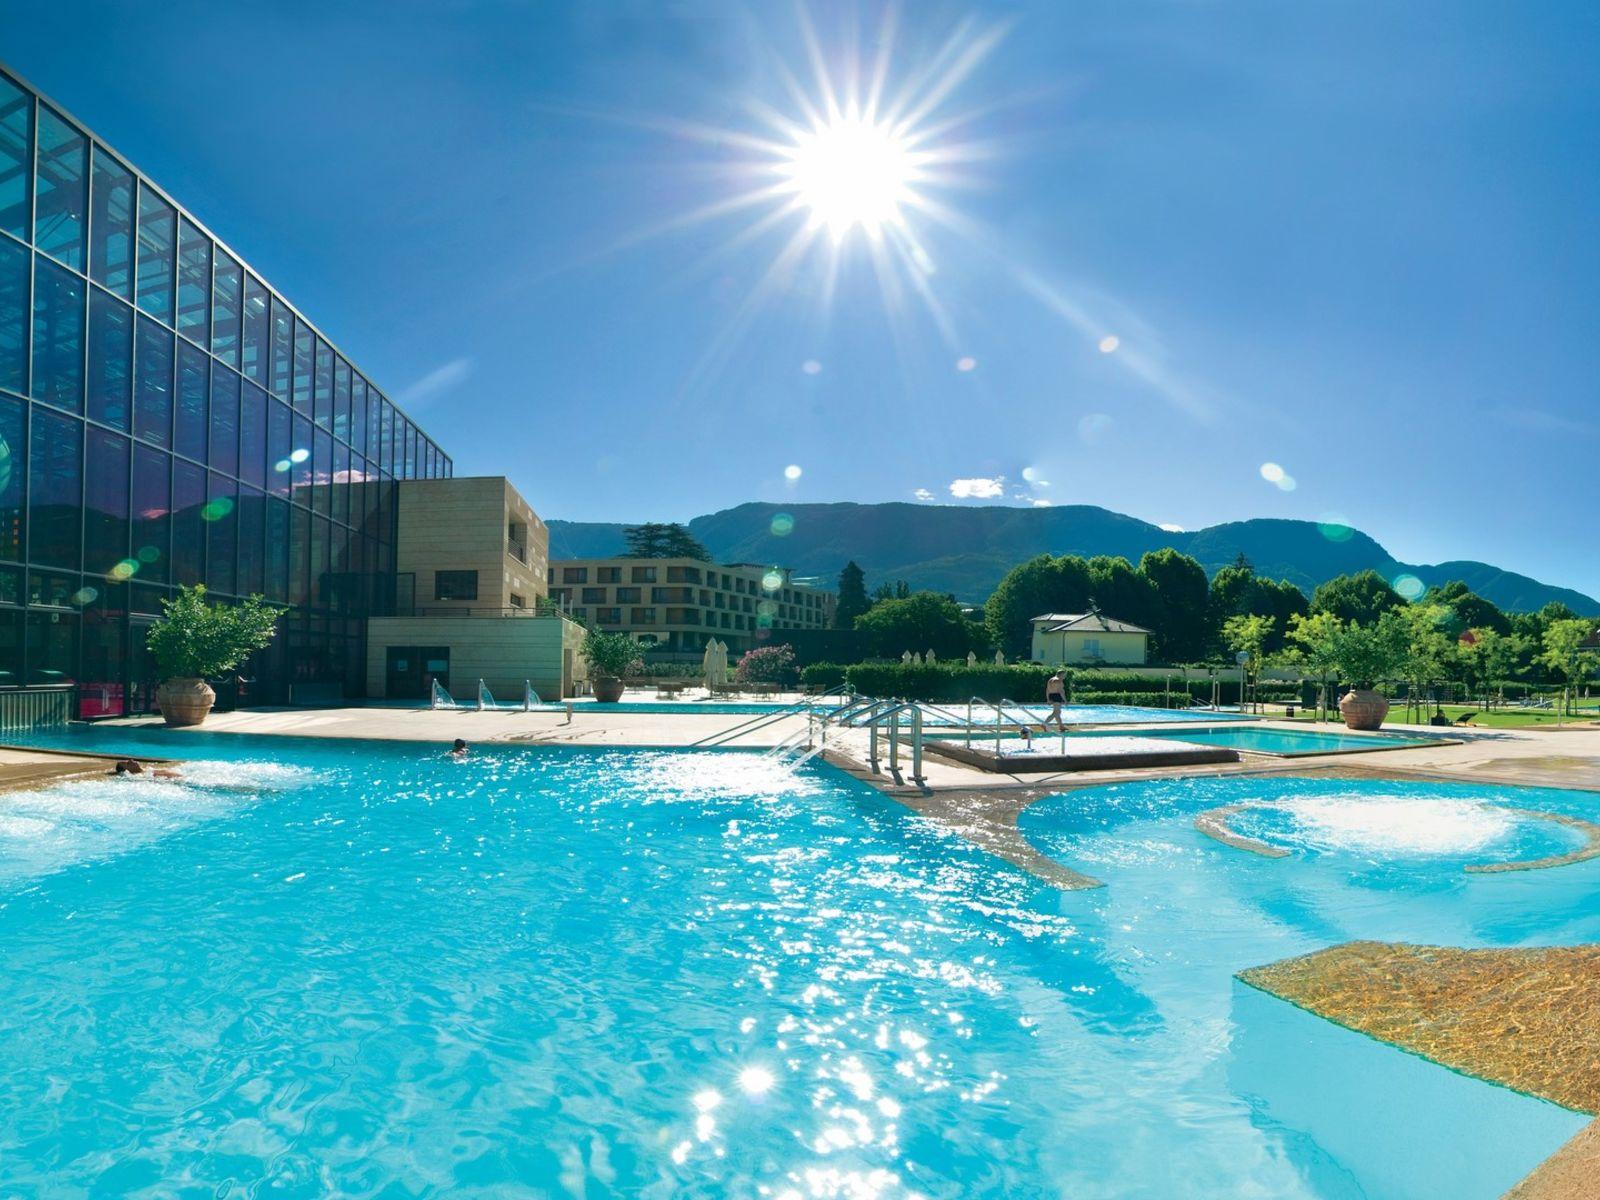 Offerte vacanza hotel mesnerwirt a merano alto adige for Offerte soggiorno in trentino alto adige